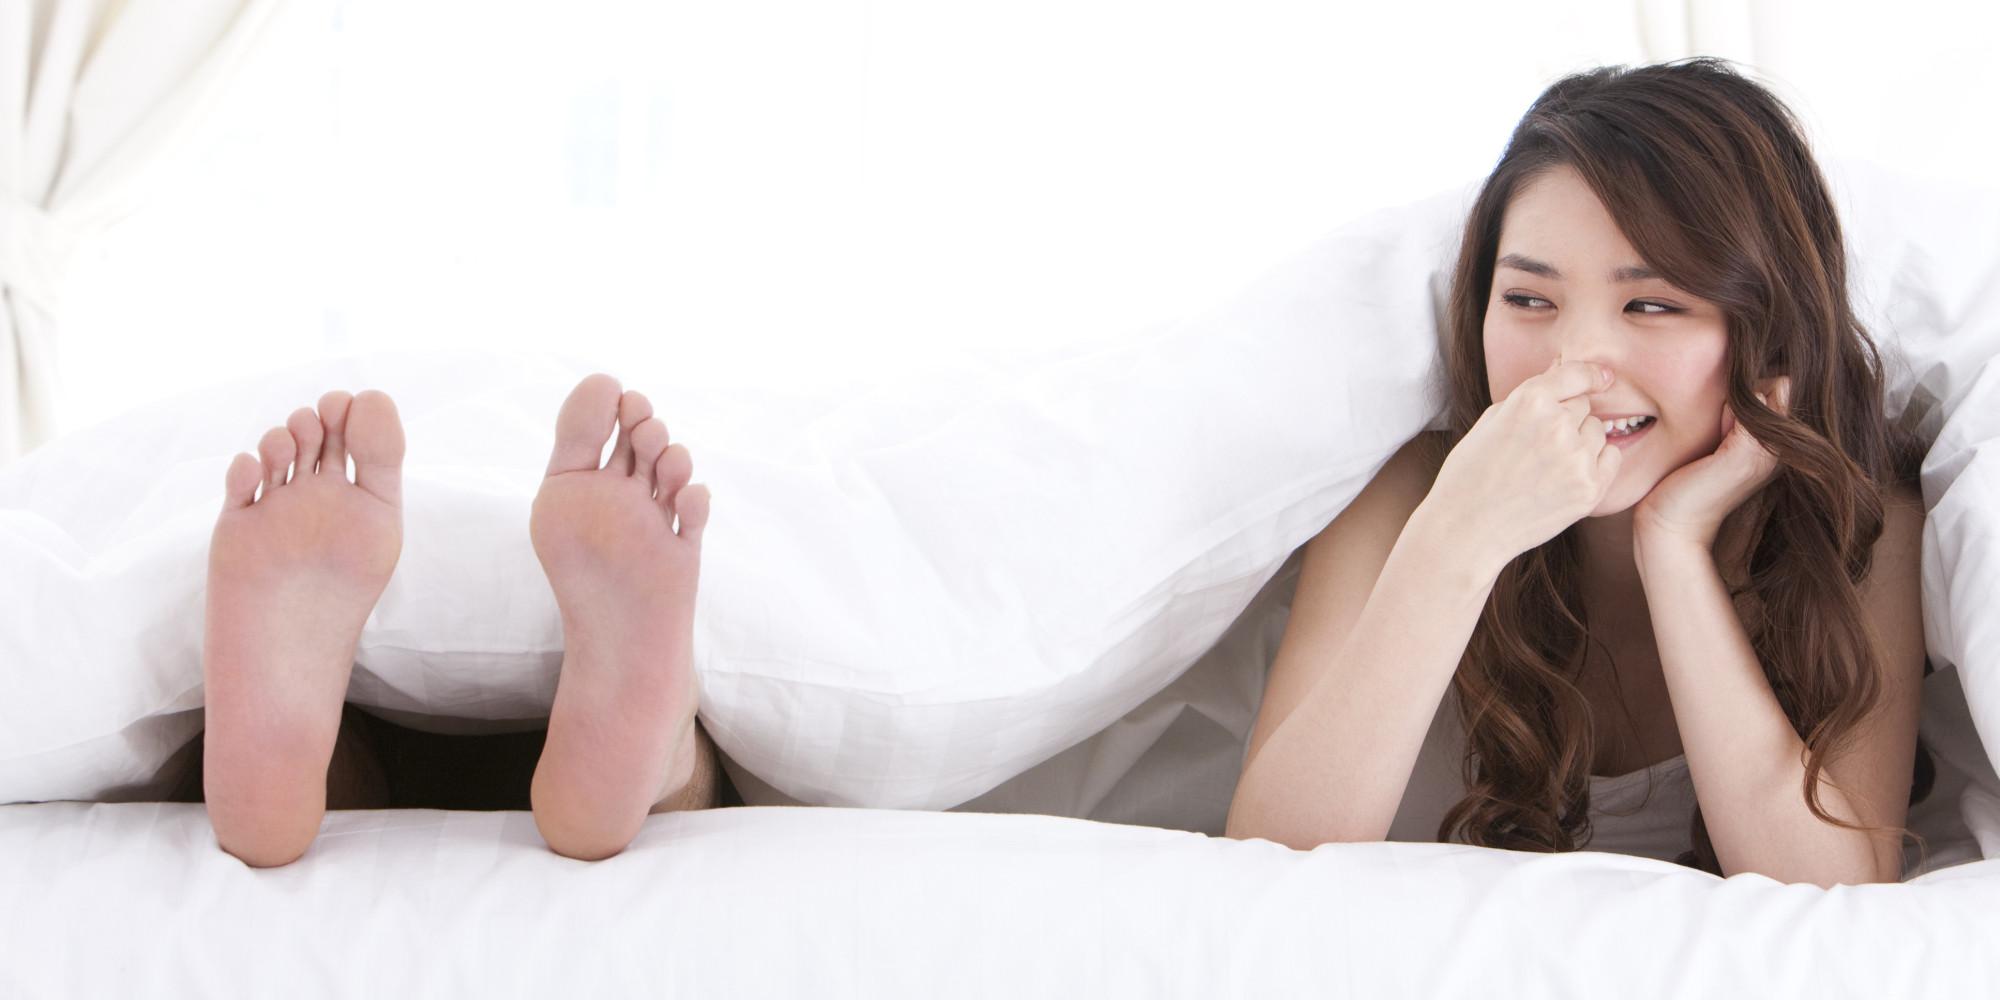 Teen feet smell